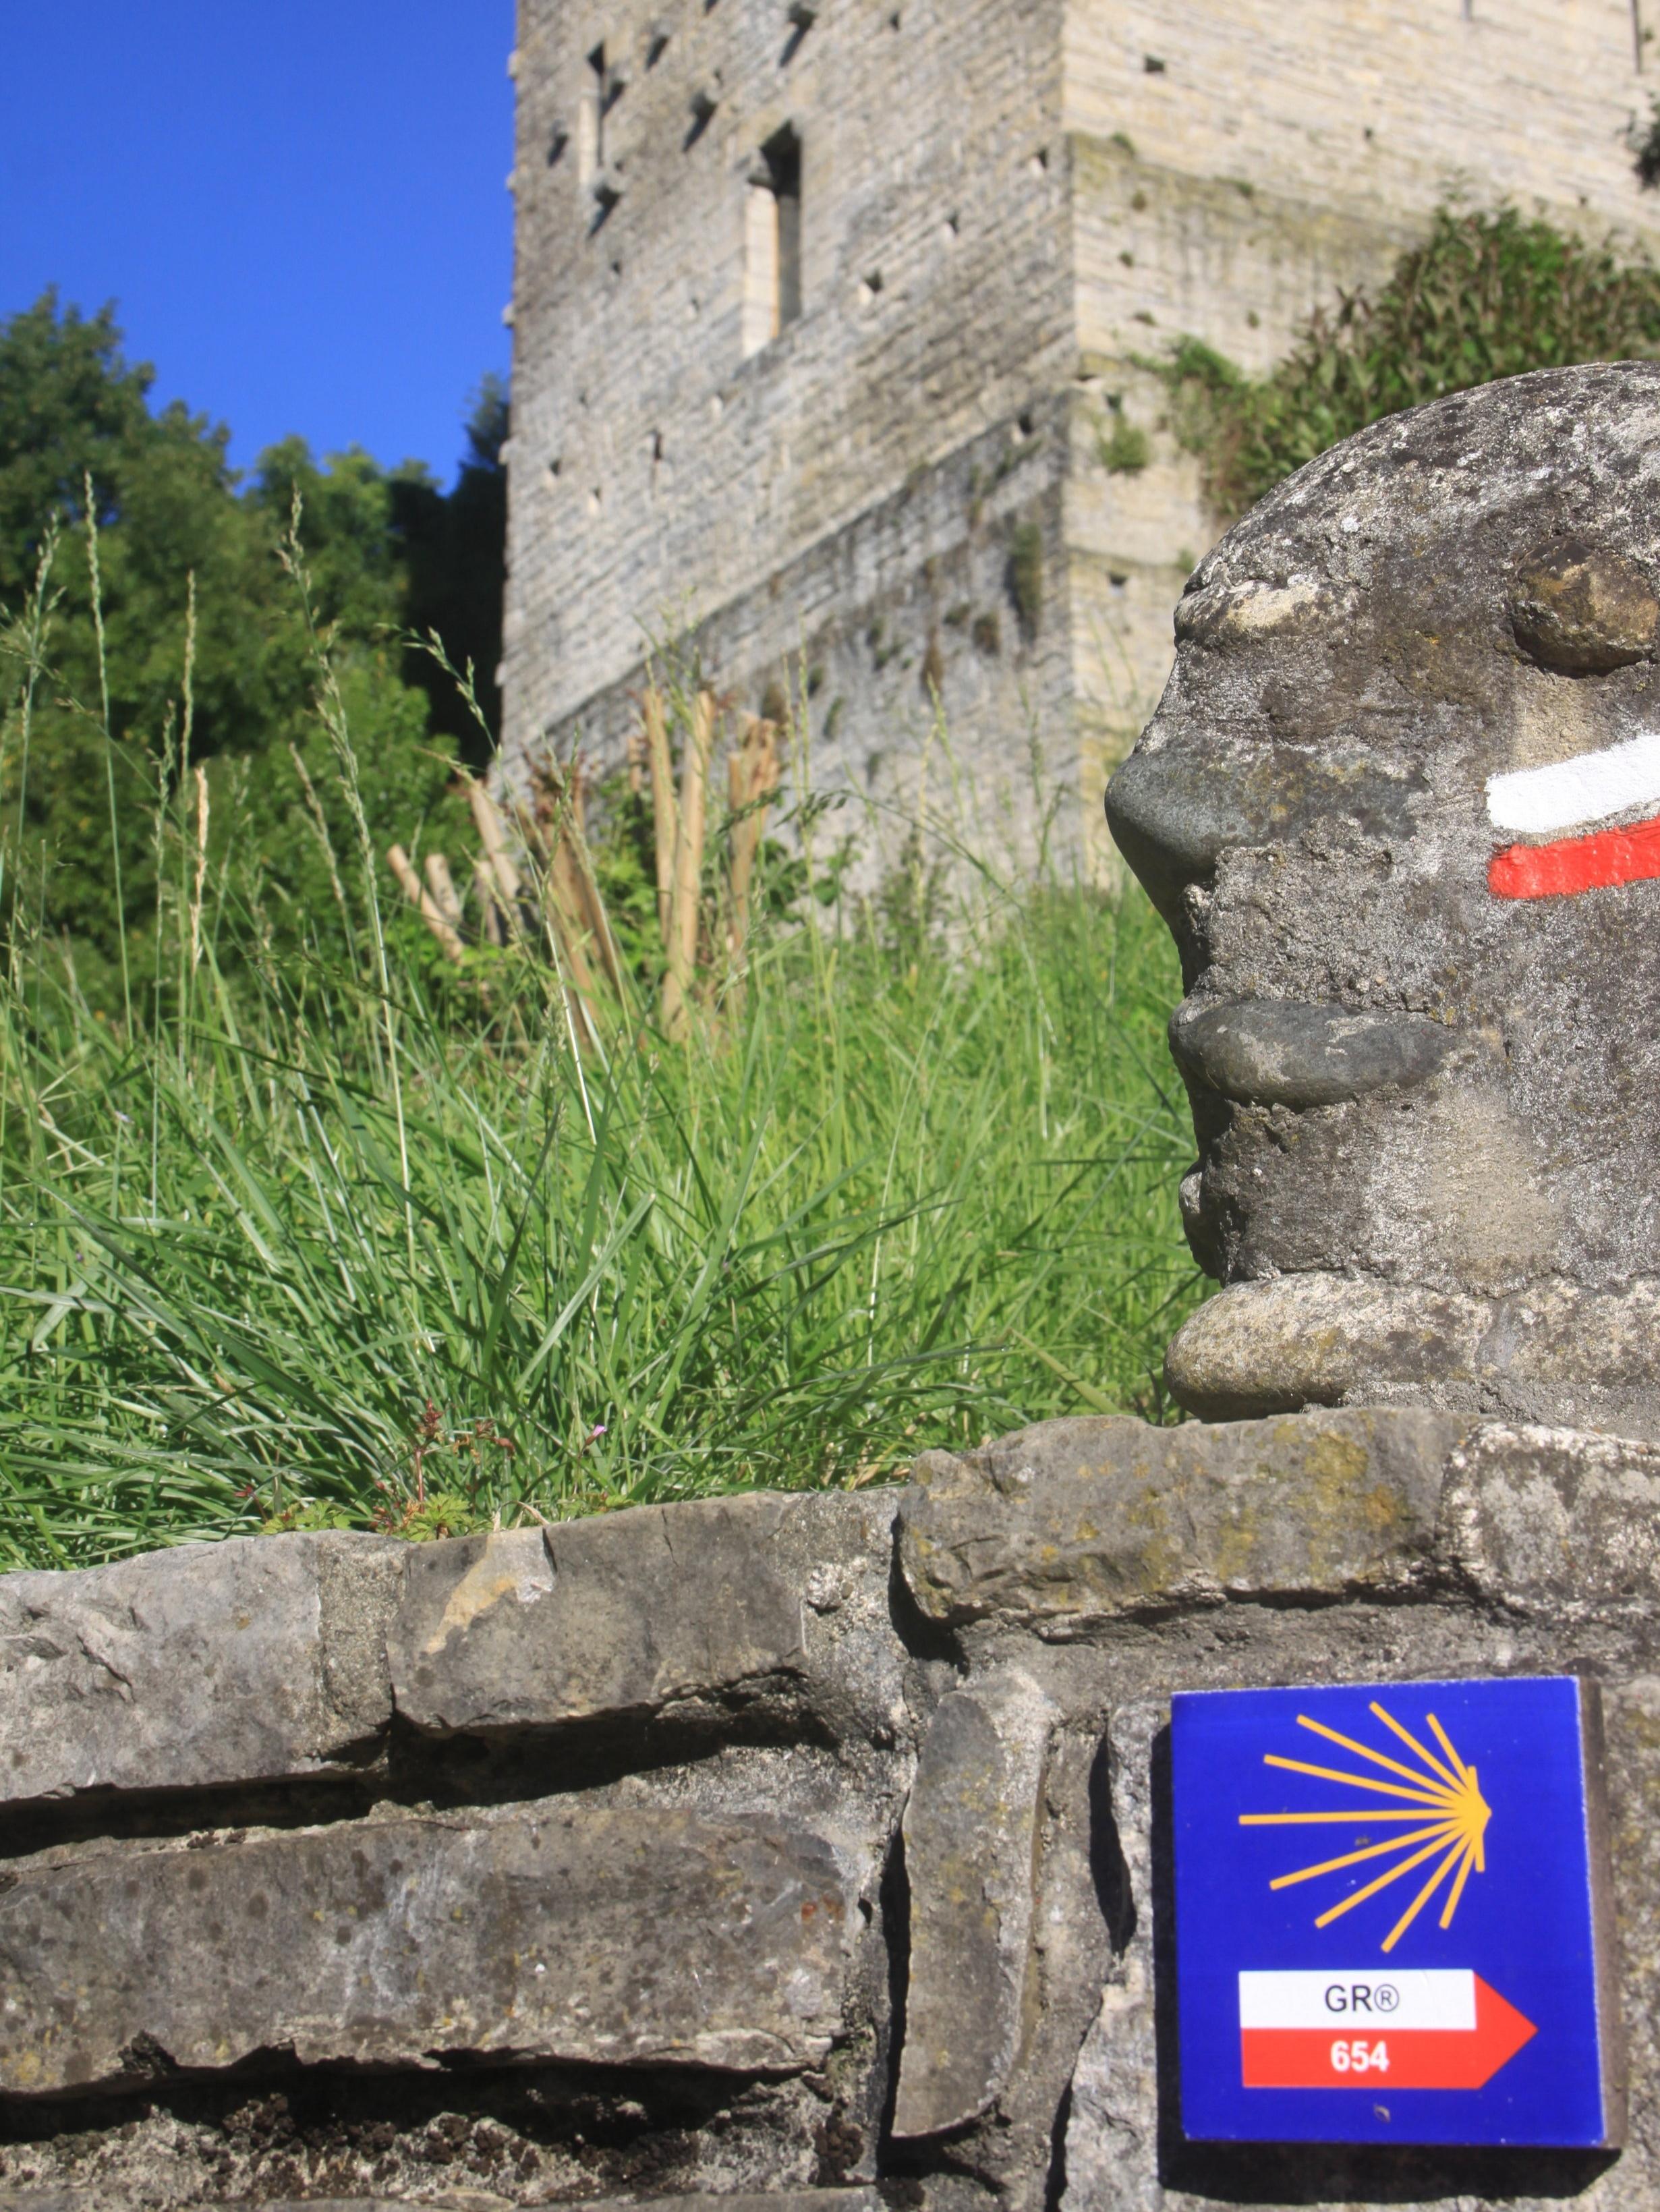 Compostelle St Jacques passes through the Monréal Tower and under our arches leading to the Pont de la Légende.